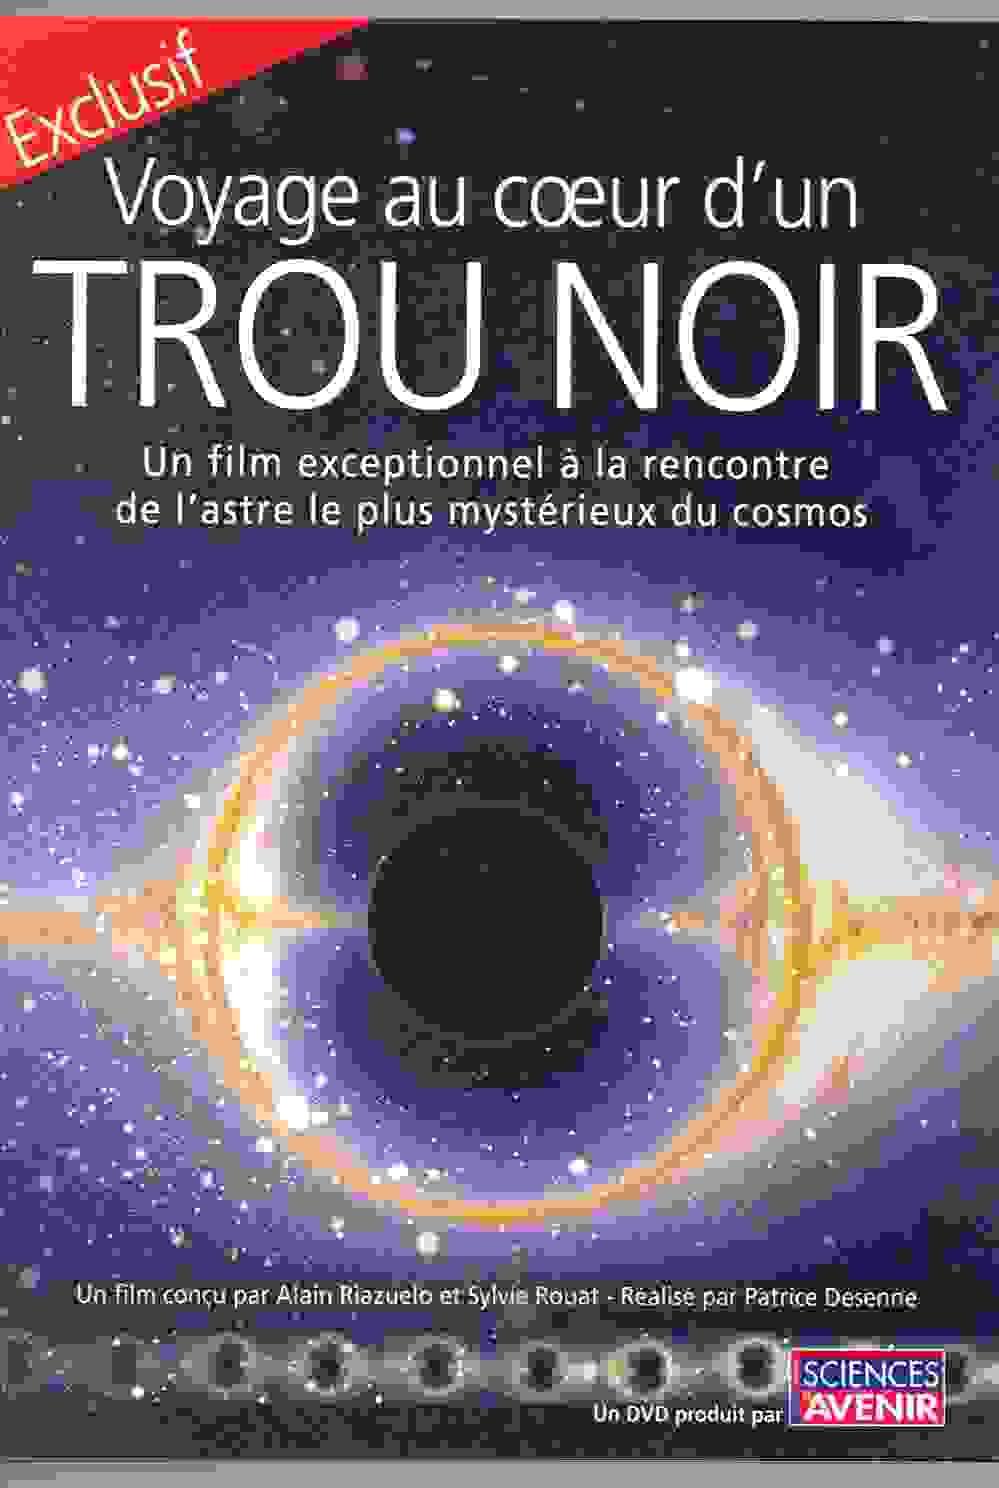 Voyage Au Coeur D'un Trou Noir : voyage, coeur, ROBERVAL, Oeuvres, Comprendre, Technologie